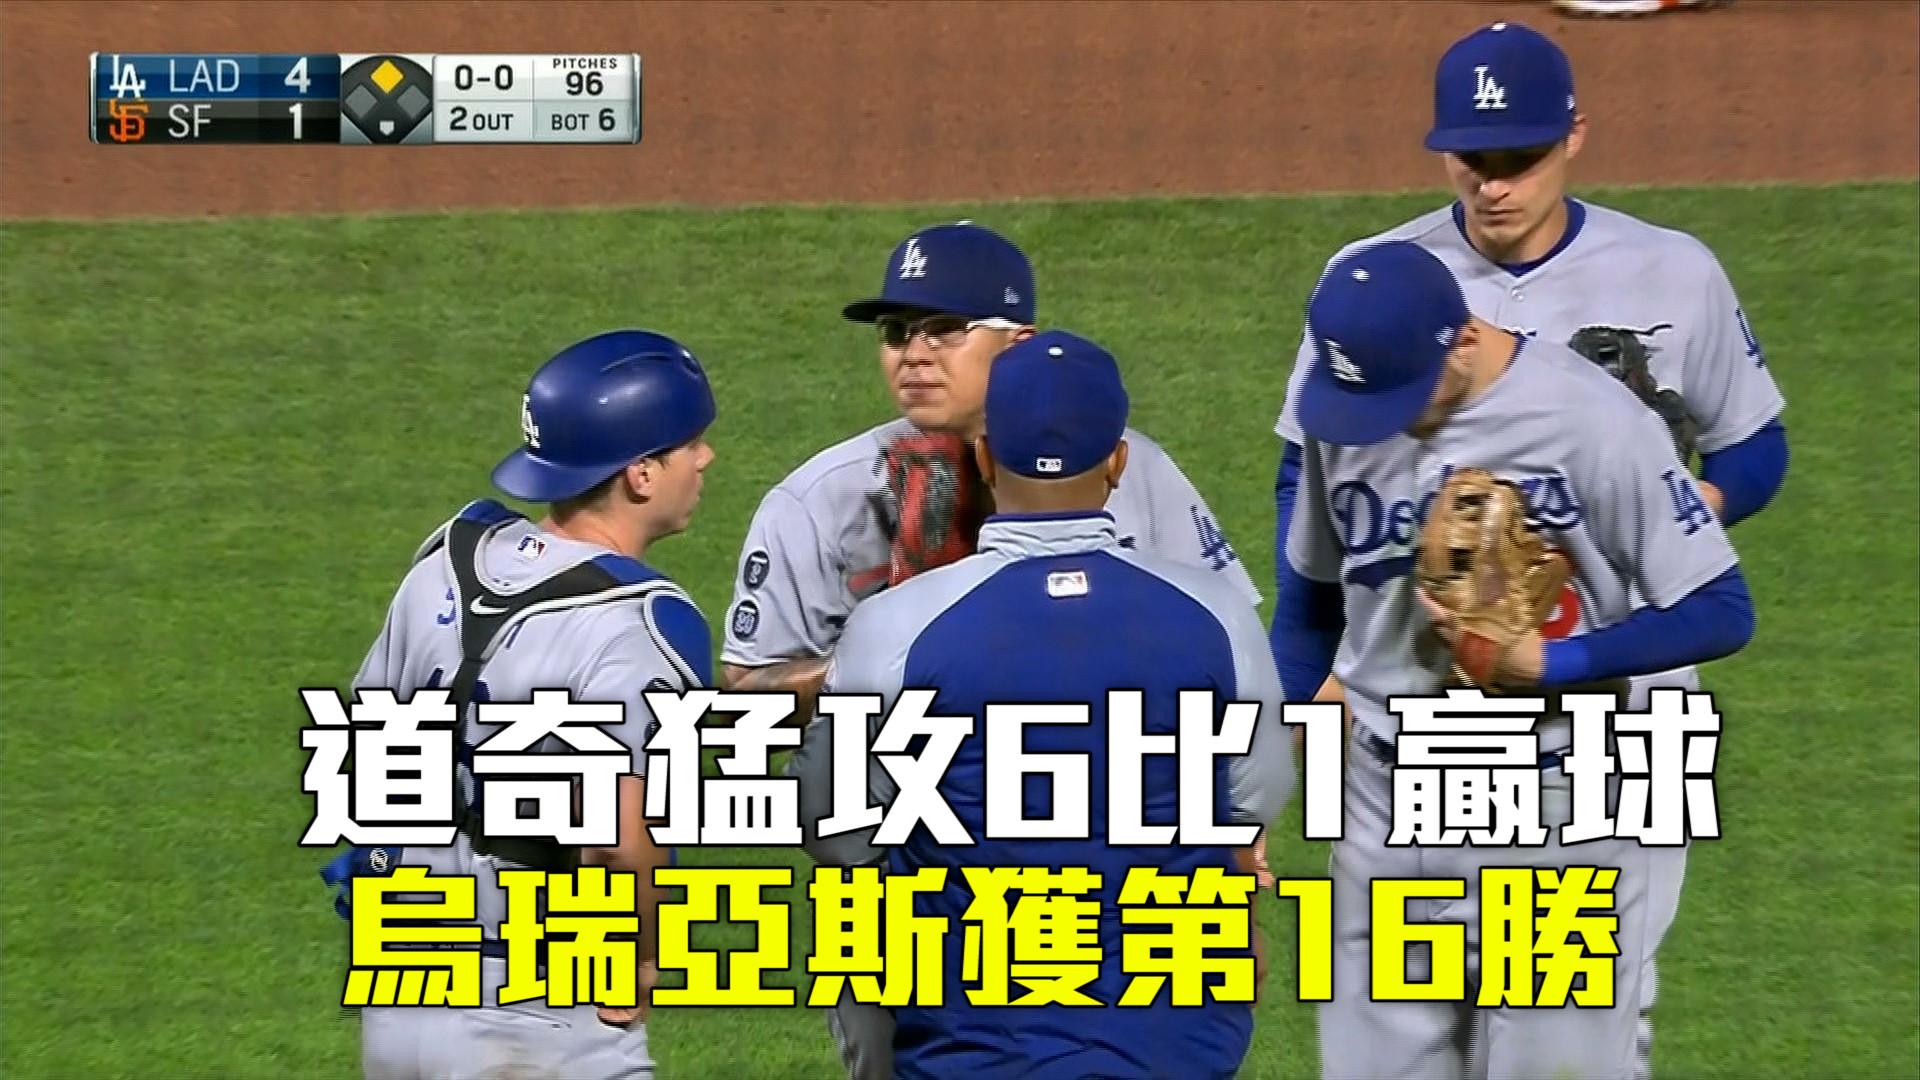 【MLB看愛爾達】道奇猛攻6:1贏球 烏瑞亞斯獲第16勝 09/05